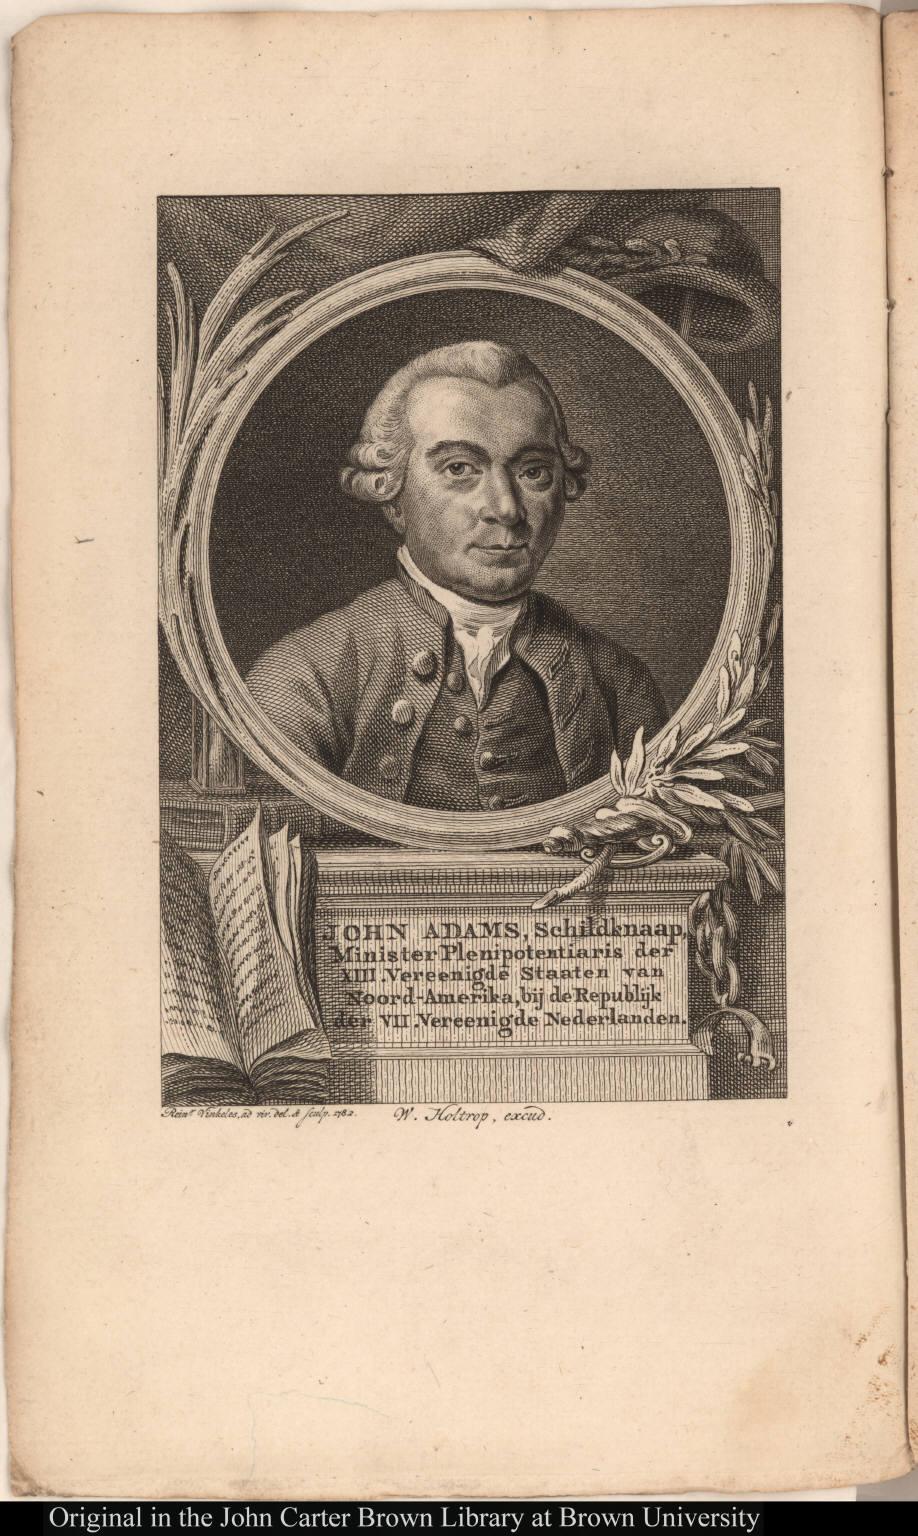 John Adams, Schildknaap, Minister Plenipotentiaris der XIII. Vereenigde Staaten van Noord-Amerika, bij de Republijk der VII. Vereenigde Nederlanden.